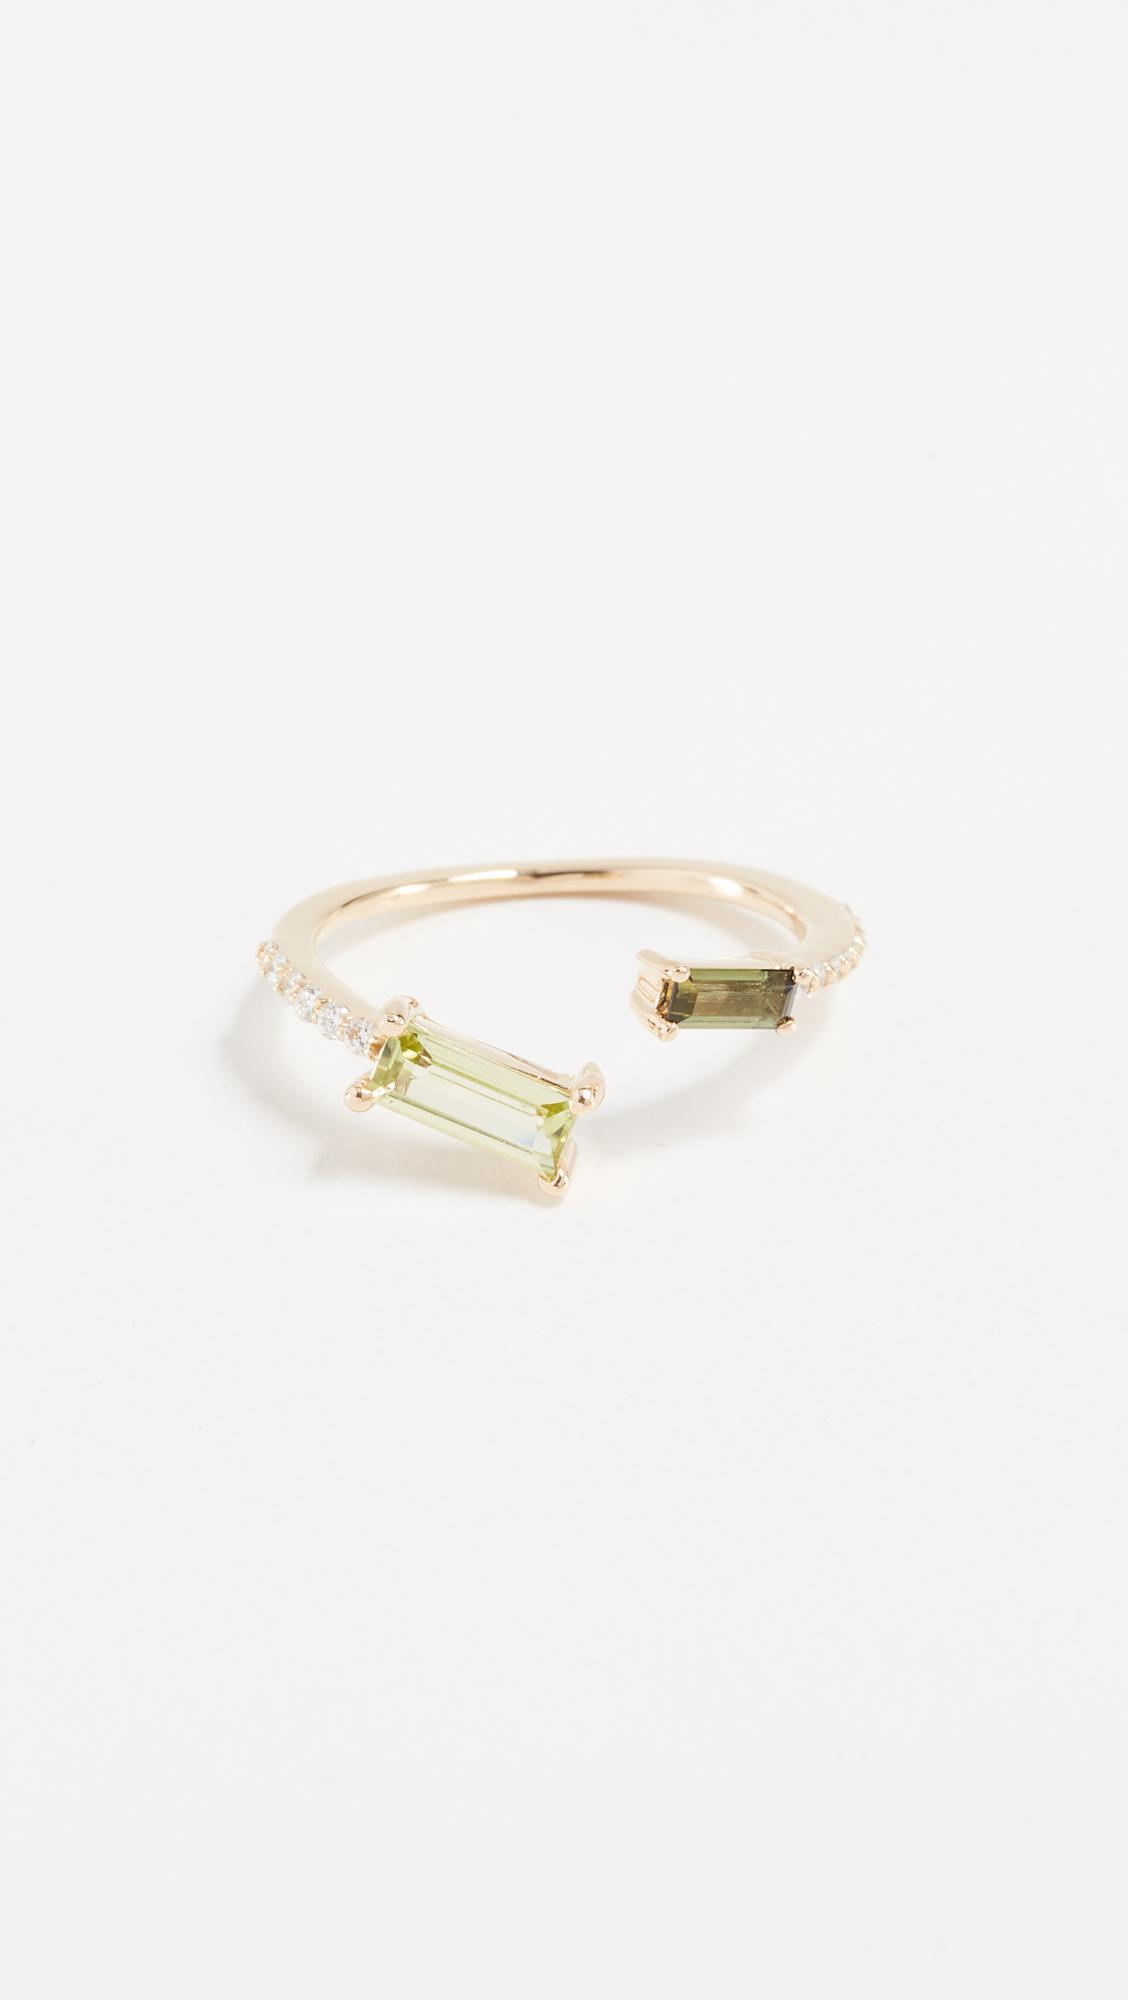 Paige Novick Peridot & Tourmaline 18k Gold Ring 2bD1hd80CK